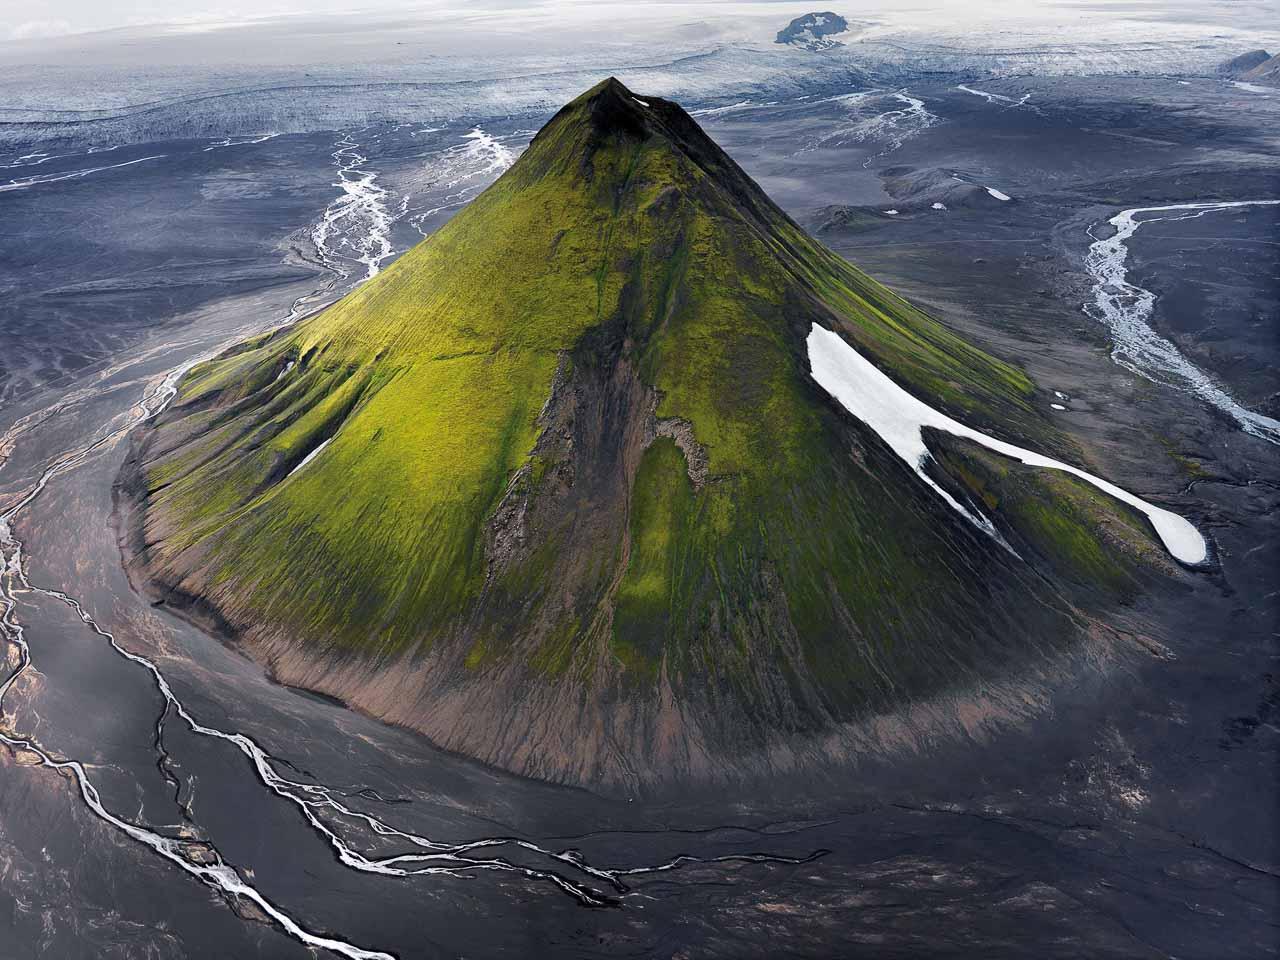 Mælifell in Island - ein grüner vulkanischer Kegel, der aus schwarzer Aschelandschaft herausragt.